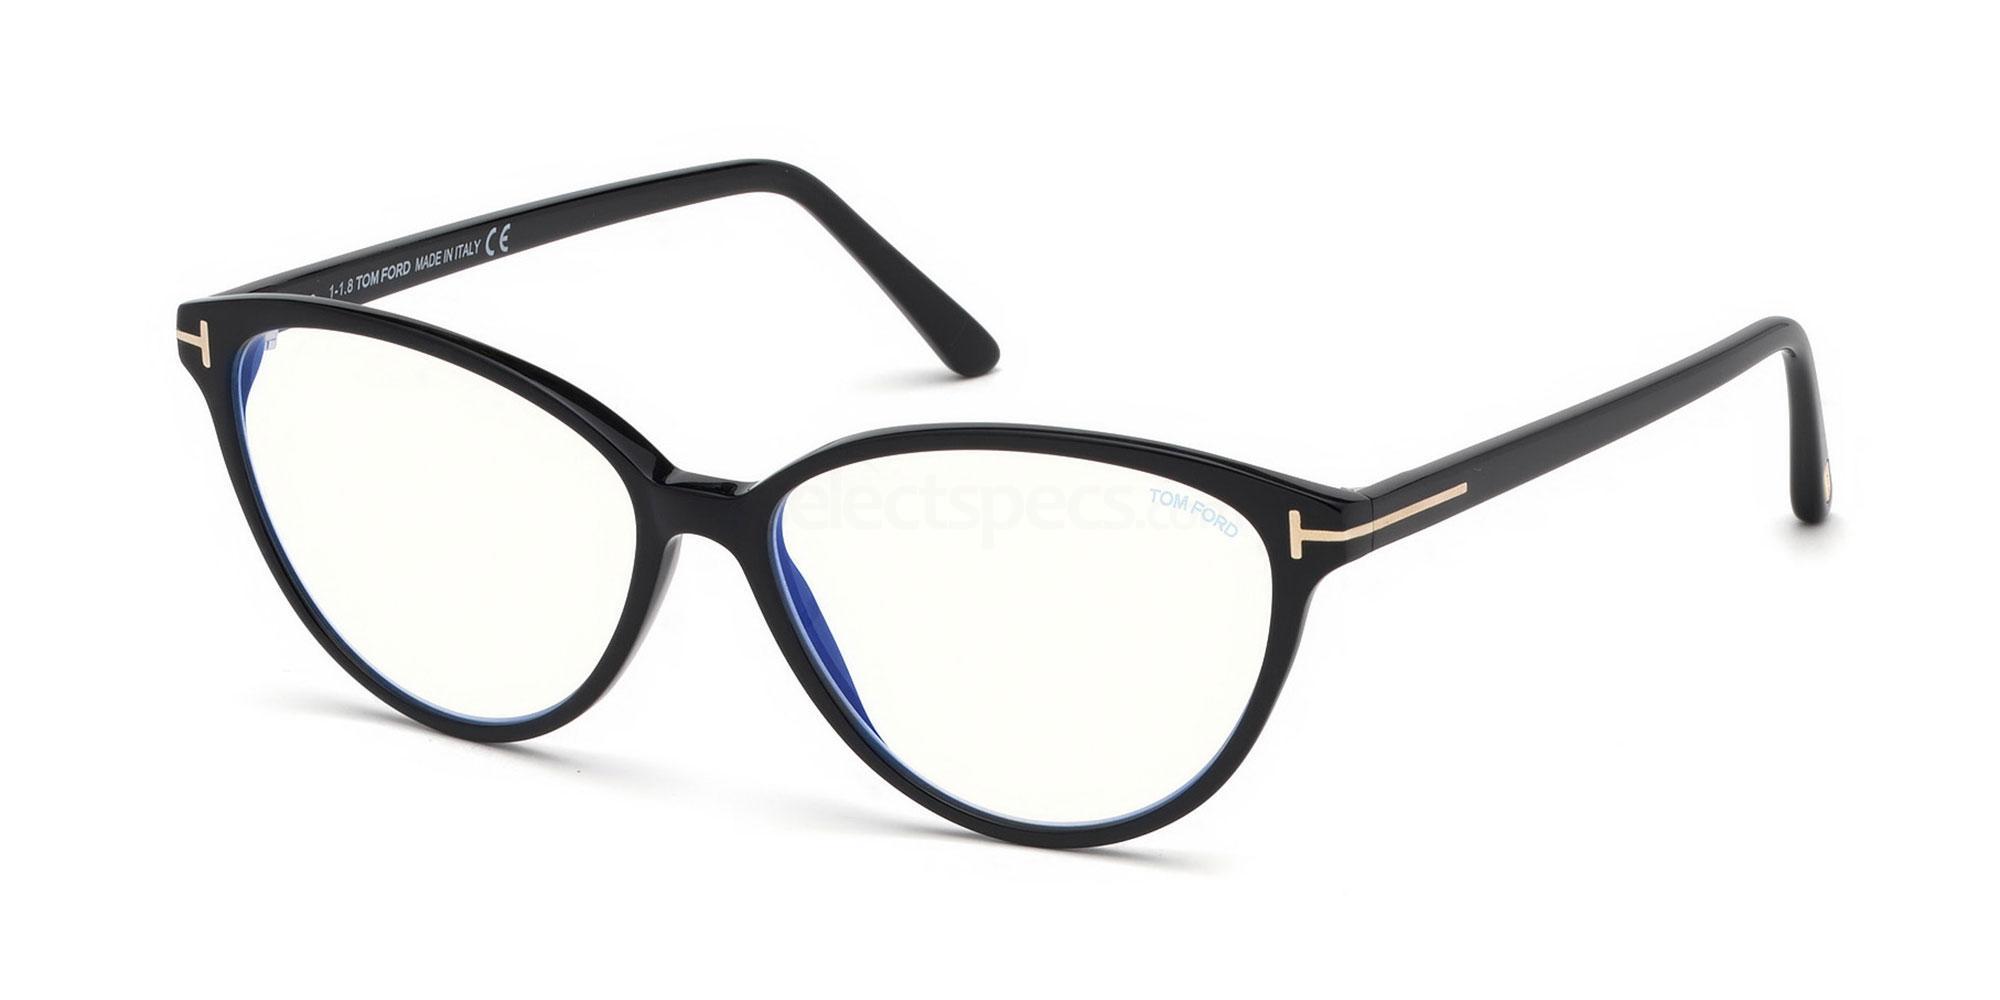 001 FT5545-B Glasses, Tom Ford